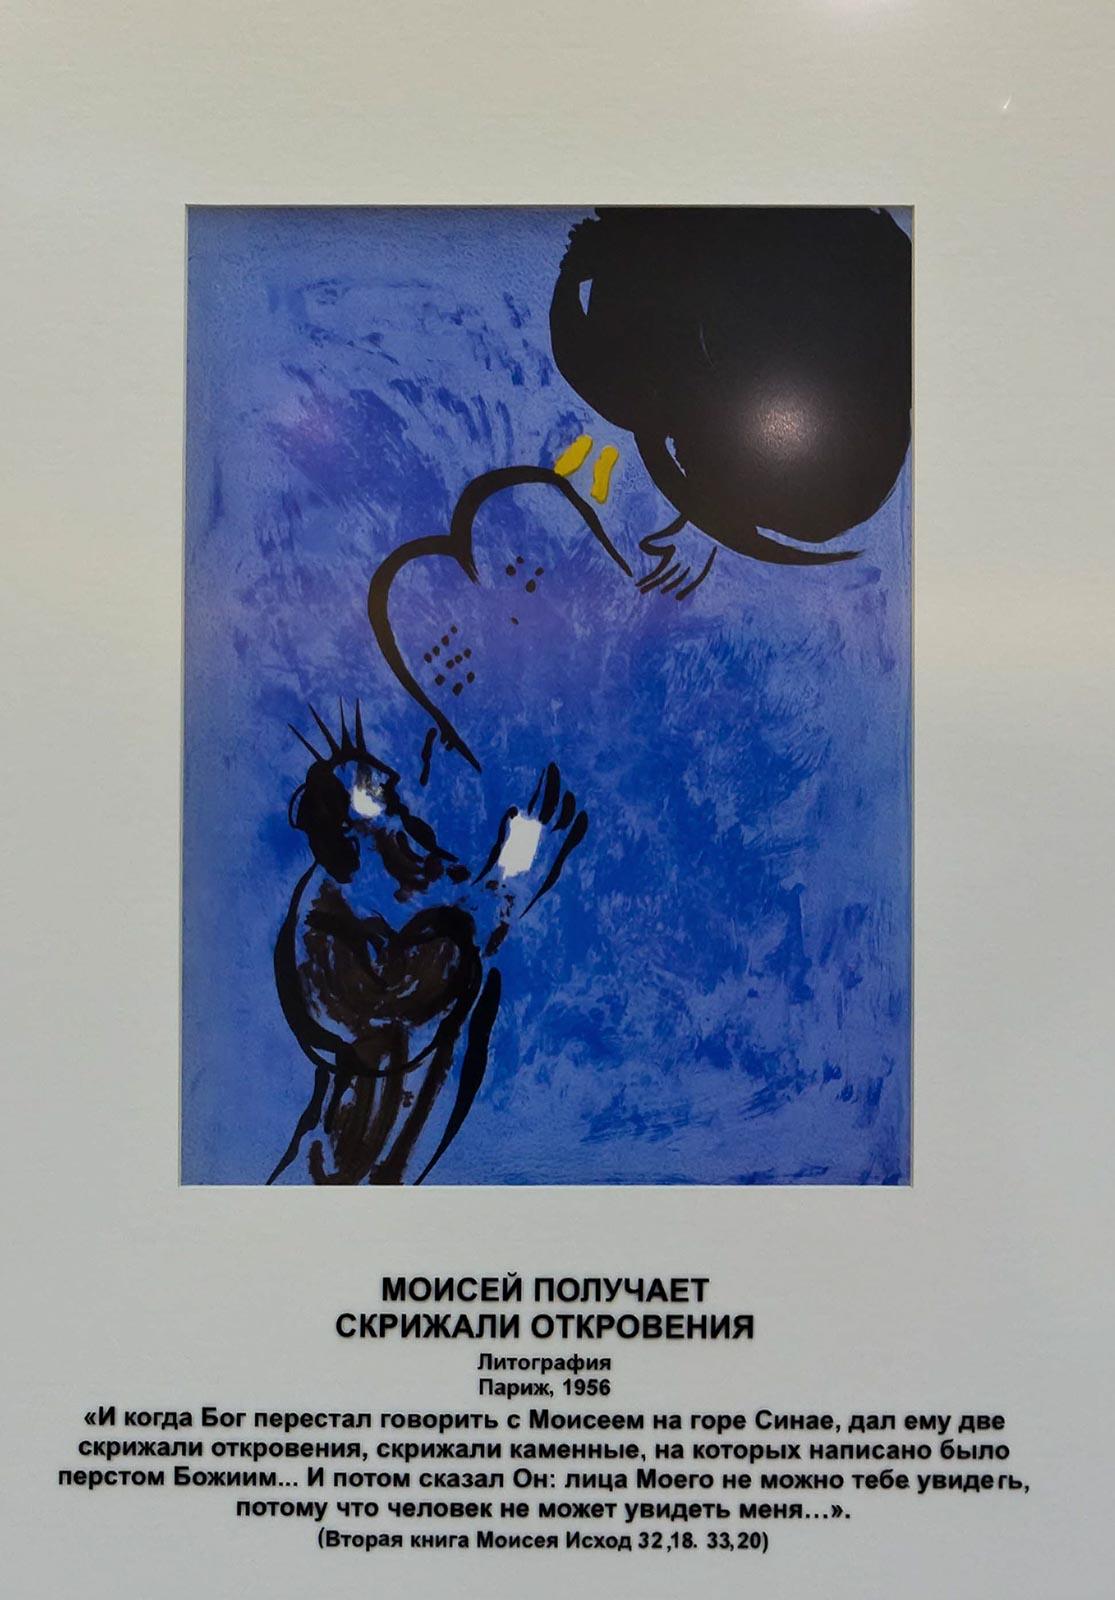 Фото №74401. «Моисей получает скрижали откровения», Марк Шагал, литография, Париж, 1956